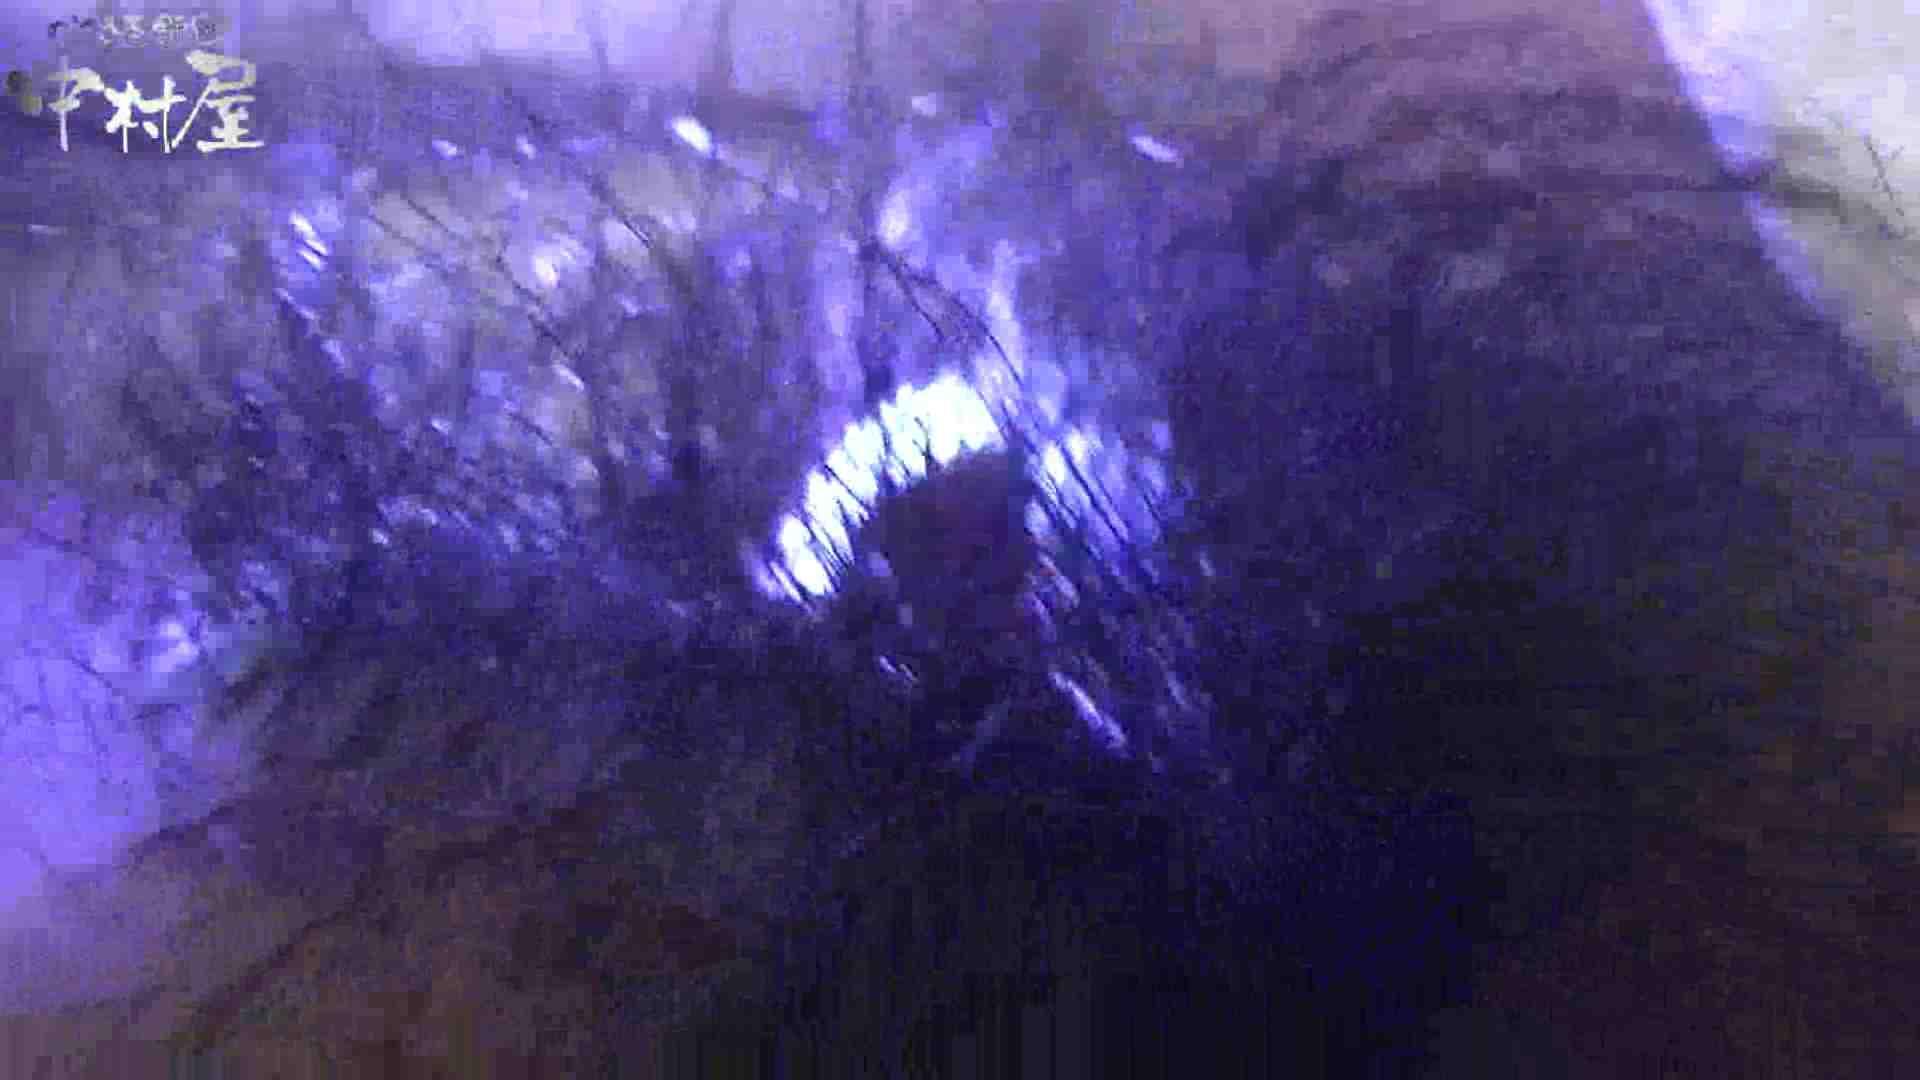 ネムリ姫 vol.64 後編 OLエロ画像 盗み撮りオマンコ動画キャプチャ 99PICs 20